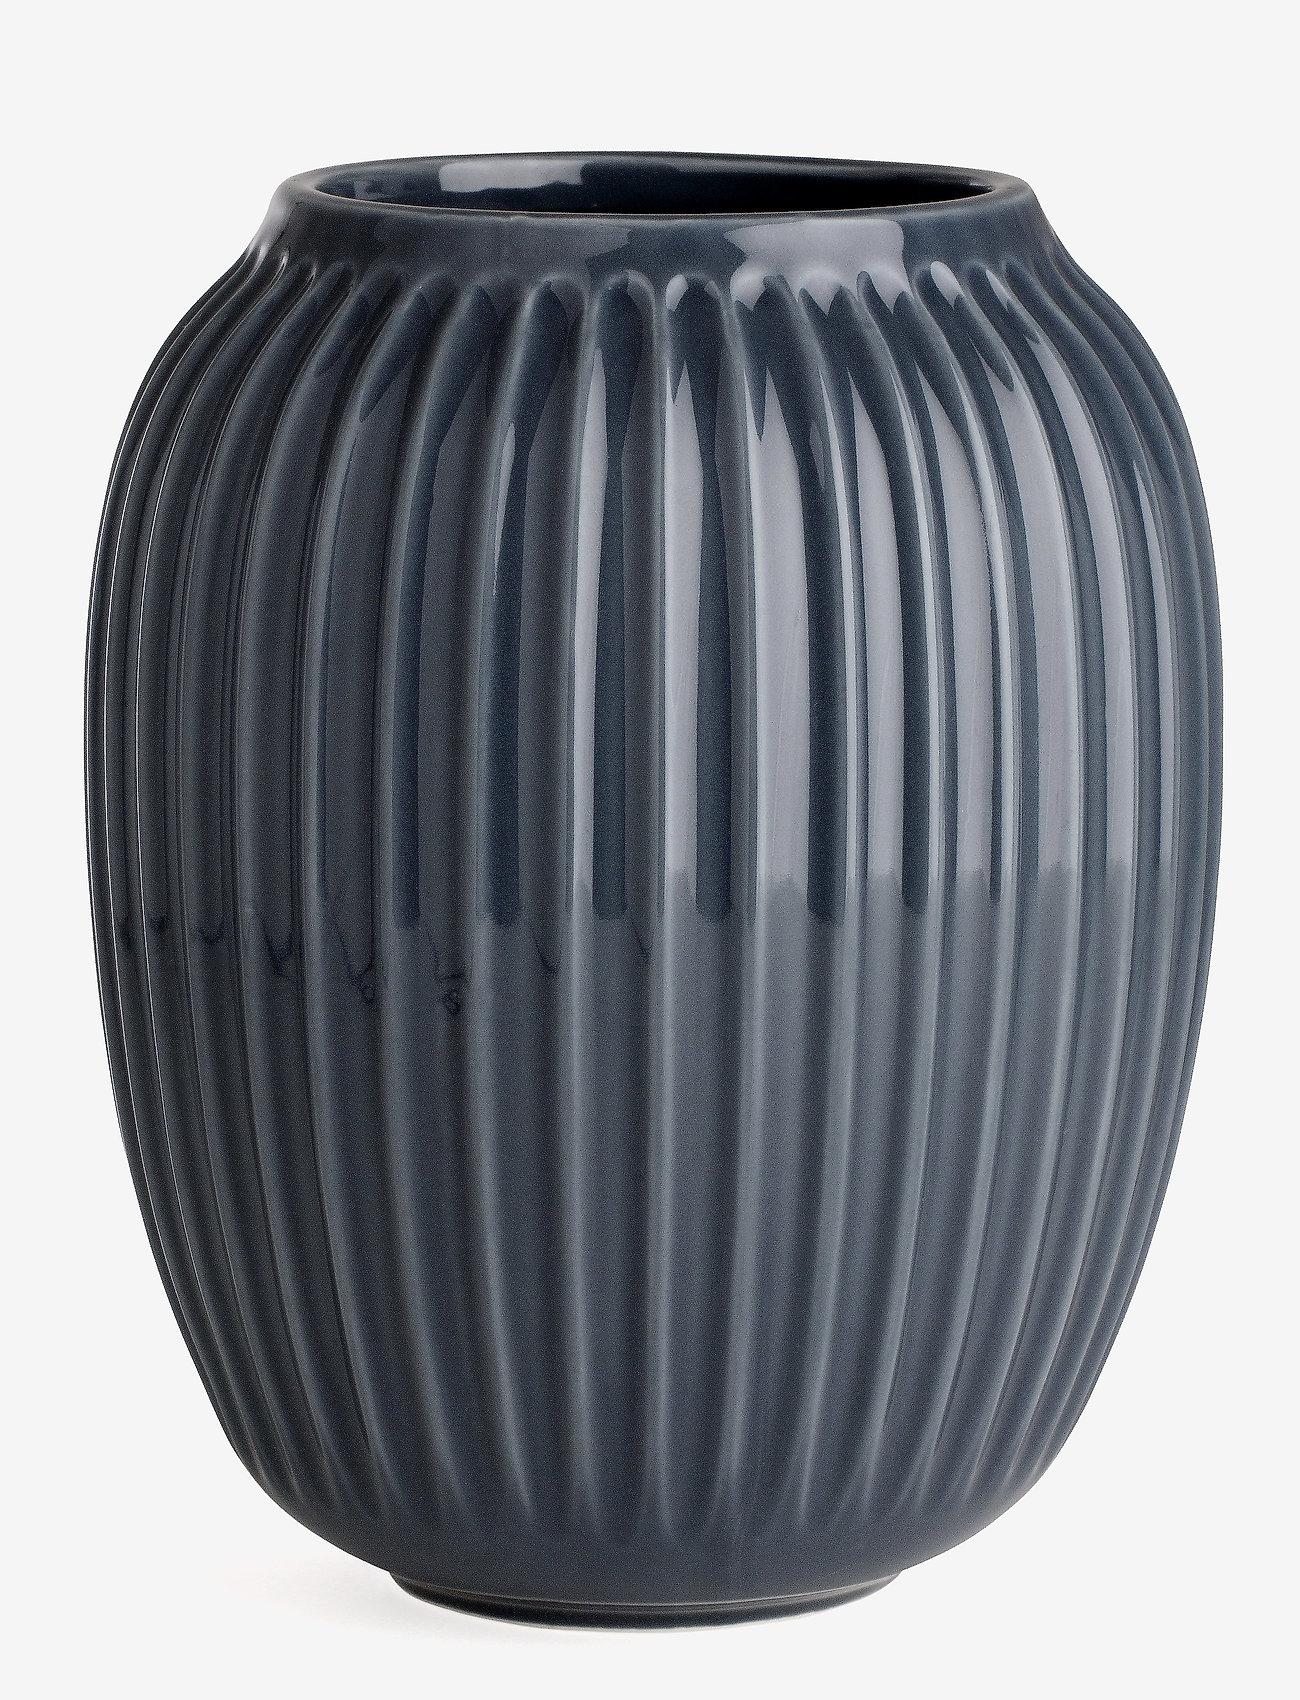 Kähler - Hammershøi Vas H21 antracitgrå (15381) - interiör - anthracite grey - 0